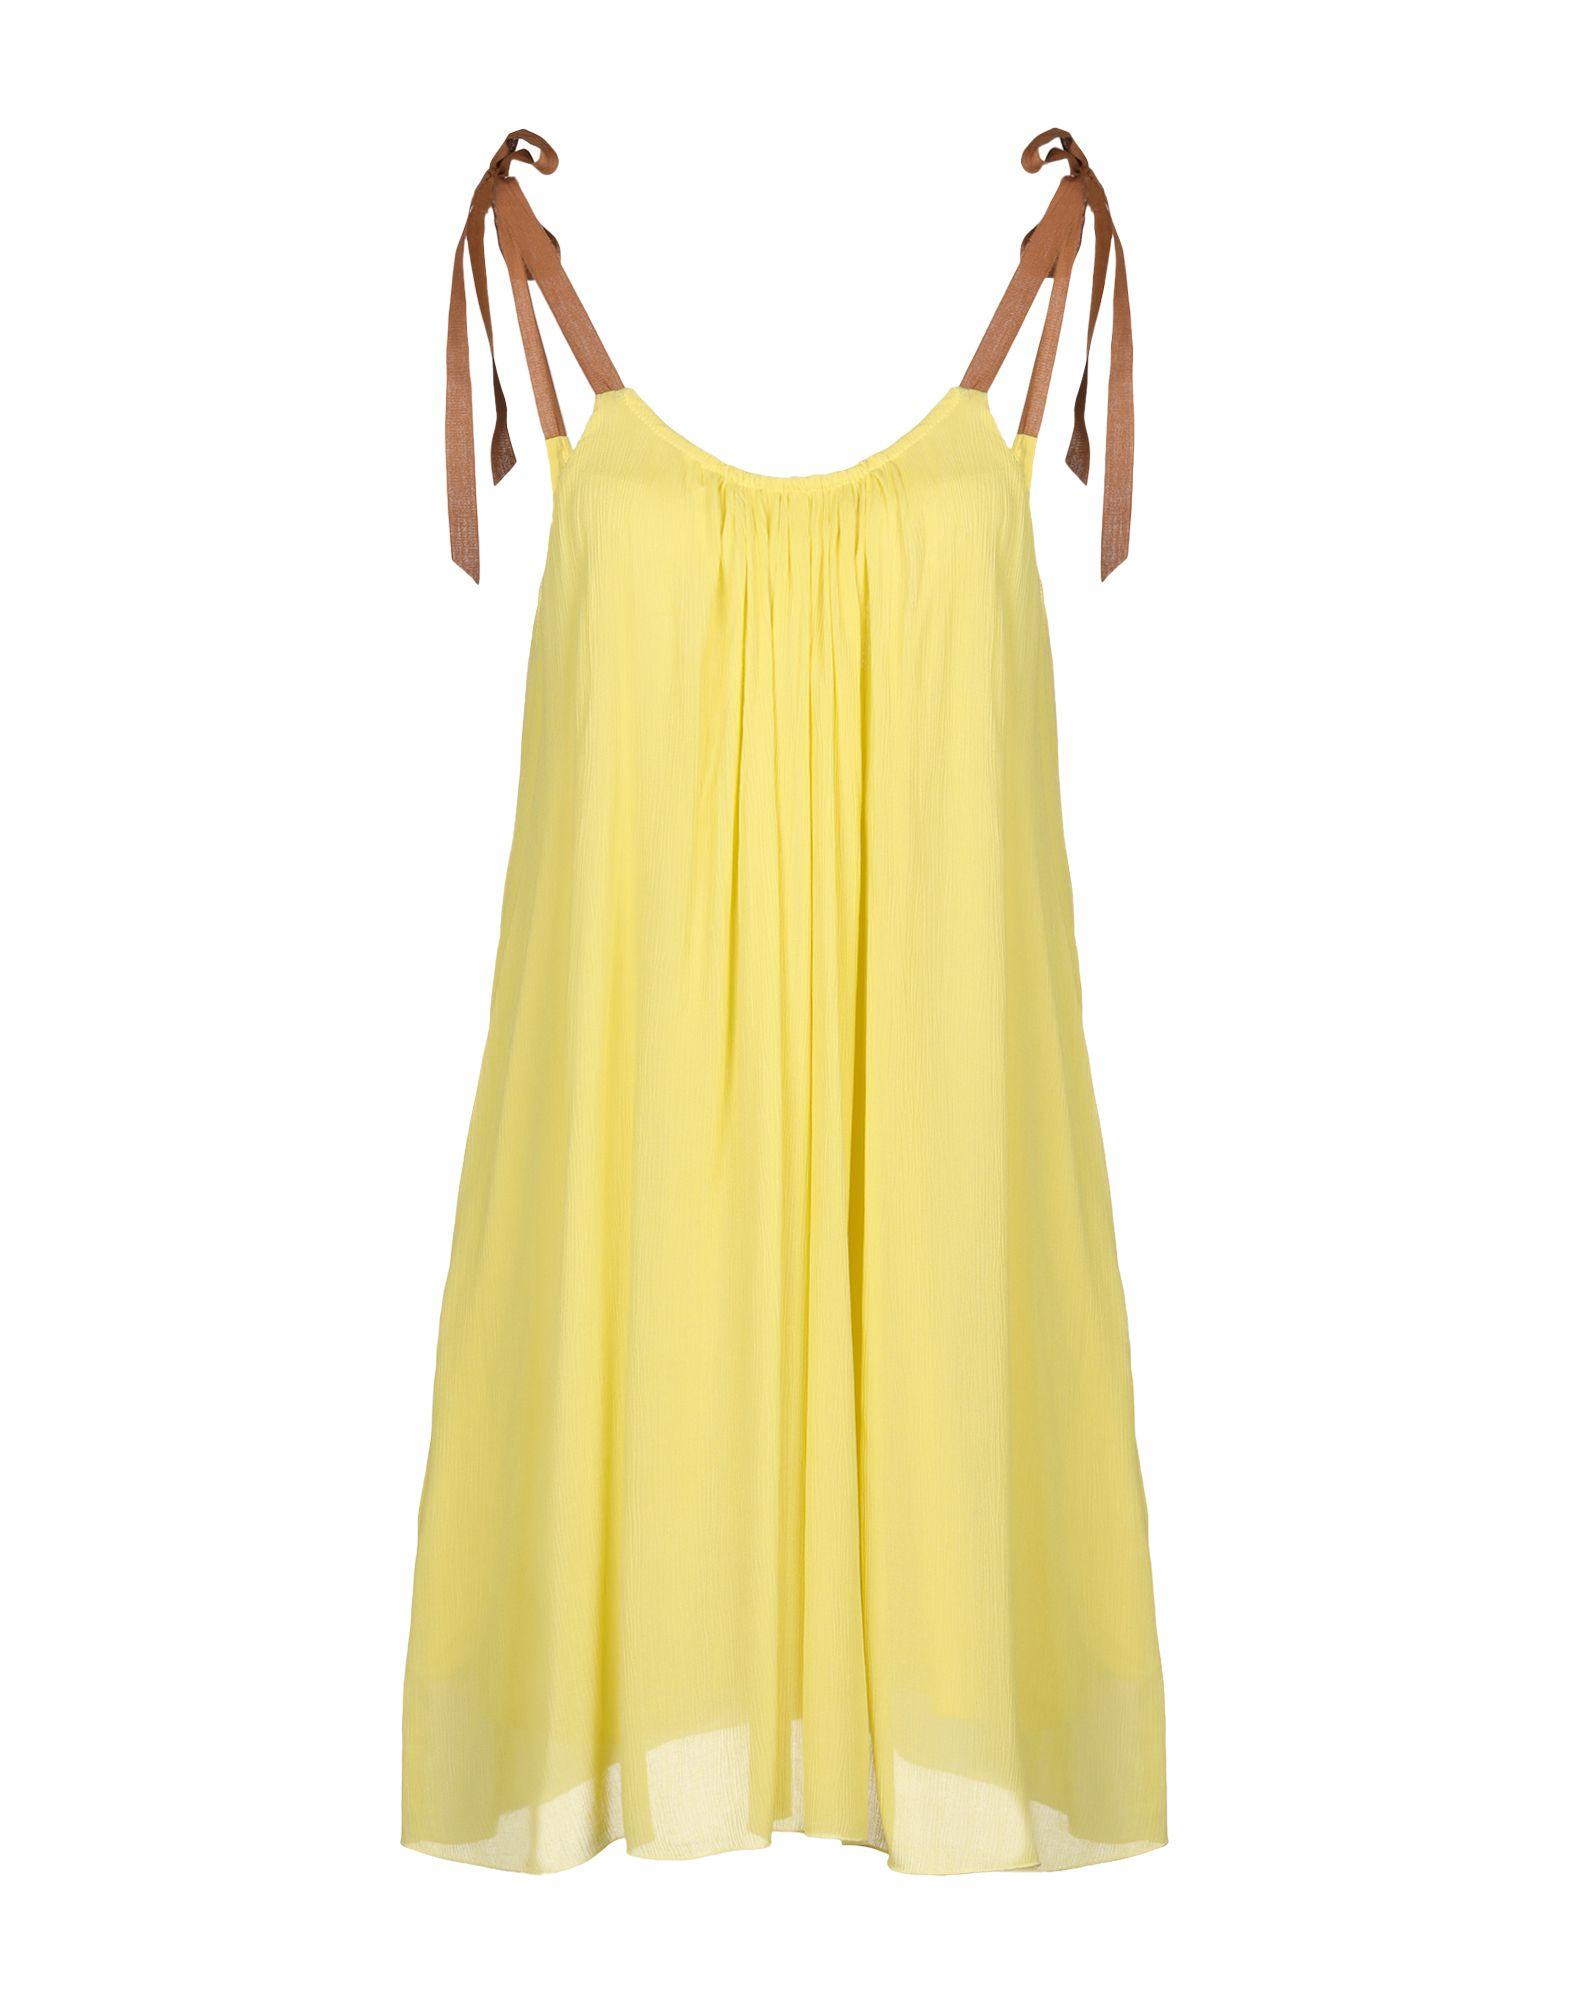 ROBERTO COLLINA Damen Kurzes Kleid Farbe Gelb Größe 4